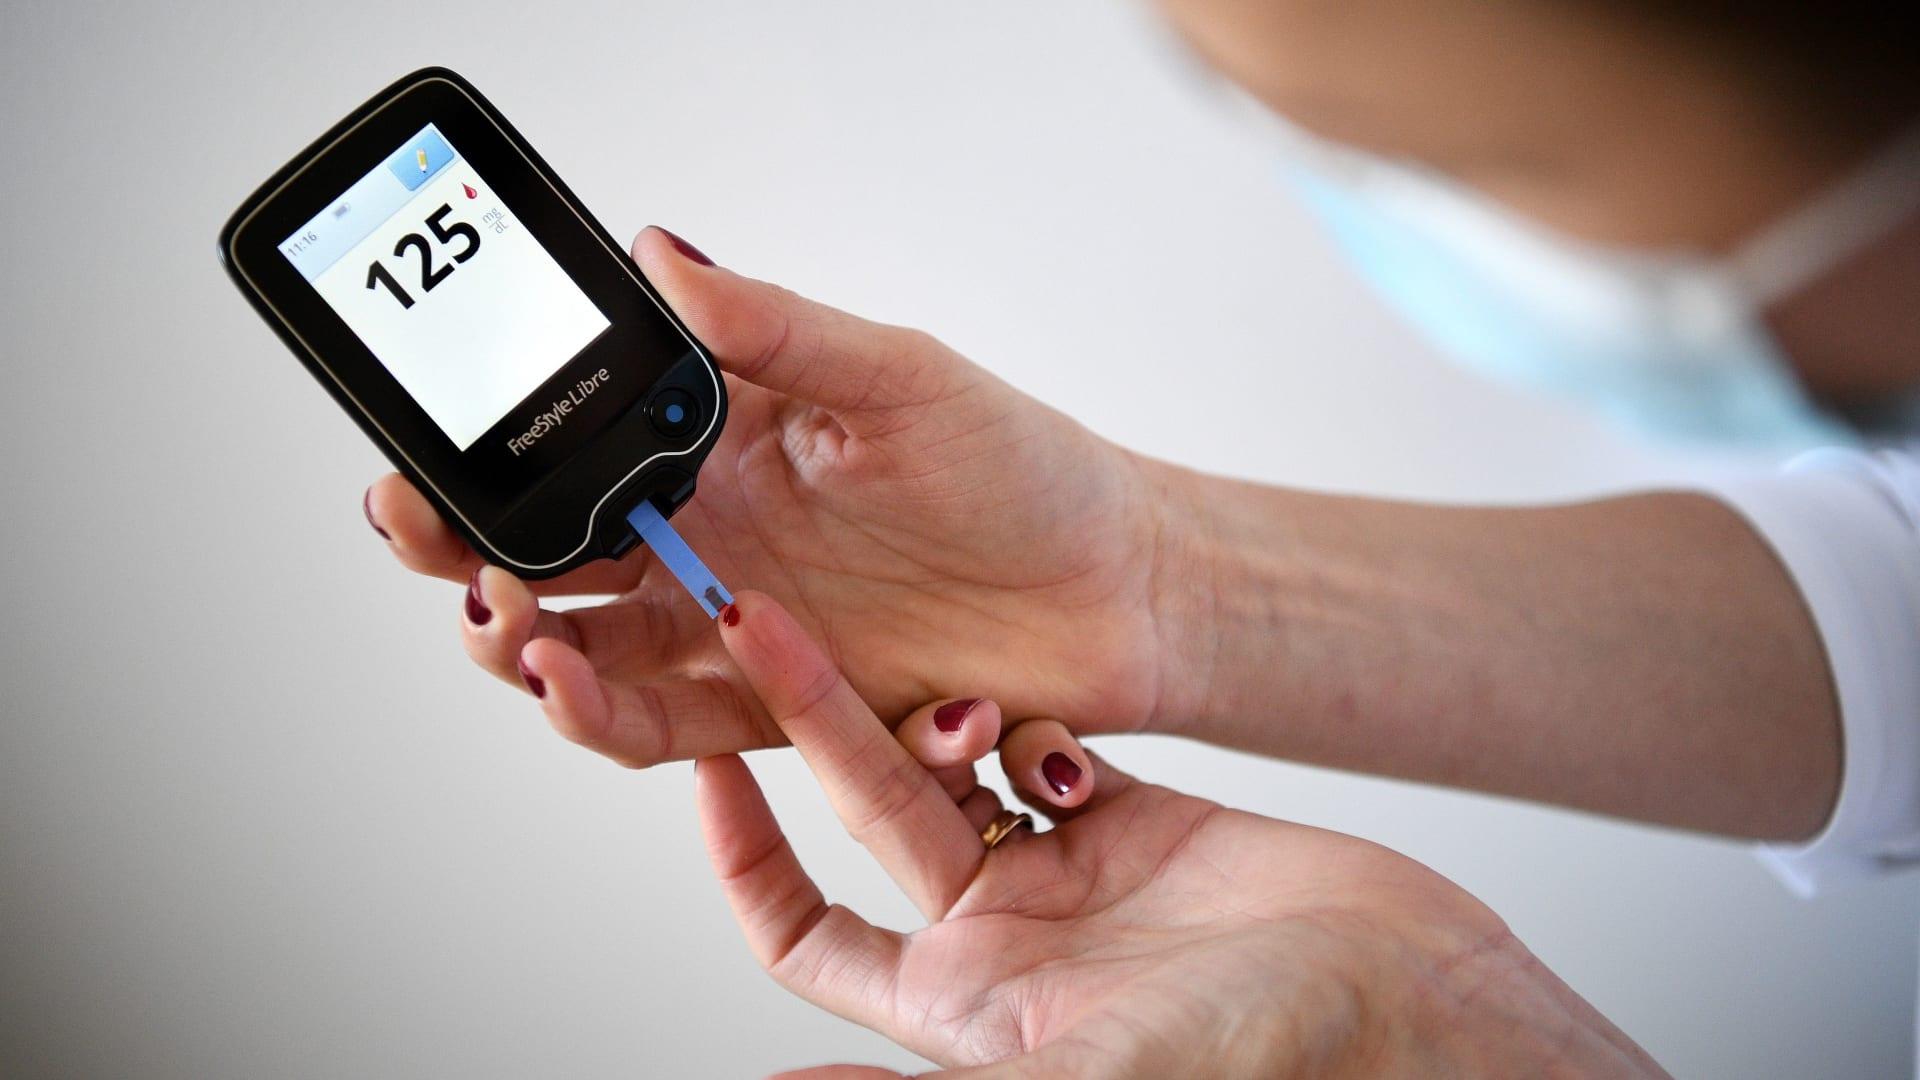 لمرضى السكري.. 10 أشياء يجب معرفتها عن تناول الإنسولين في وقت وجبات الطعام